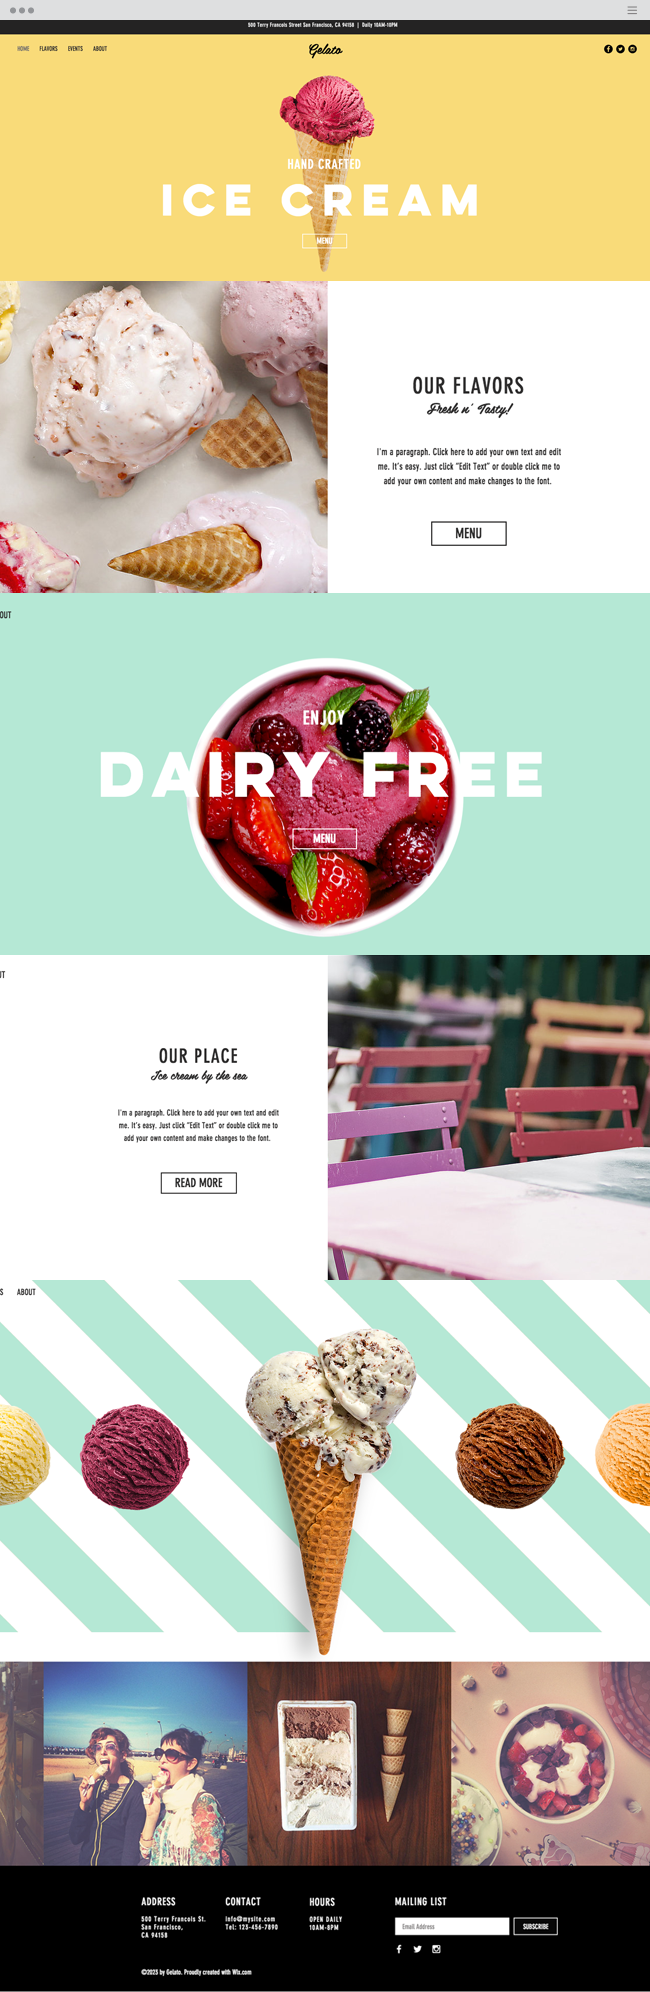 Ice Cream Parlor Website Template | helado | Pinterest | Plantillas ...